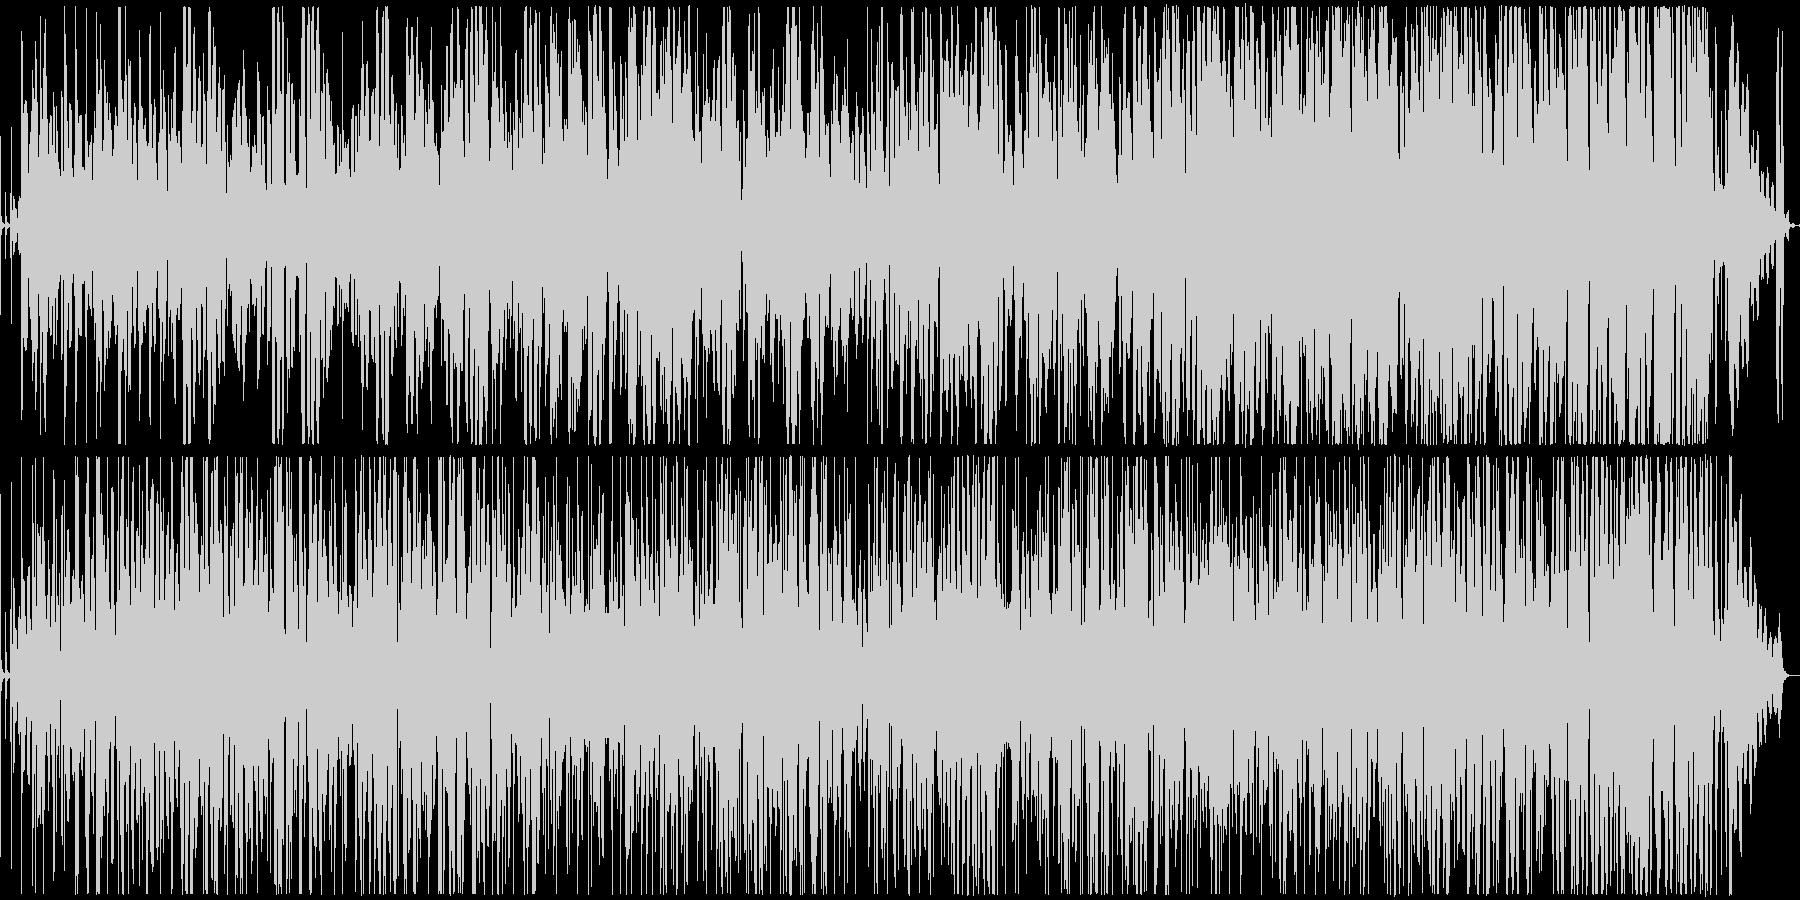 クリスマス定番曲のスムースジャズアレンジの未再生の波形